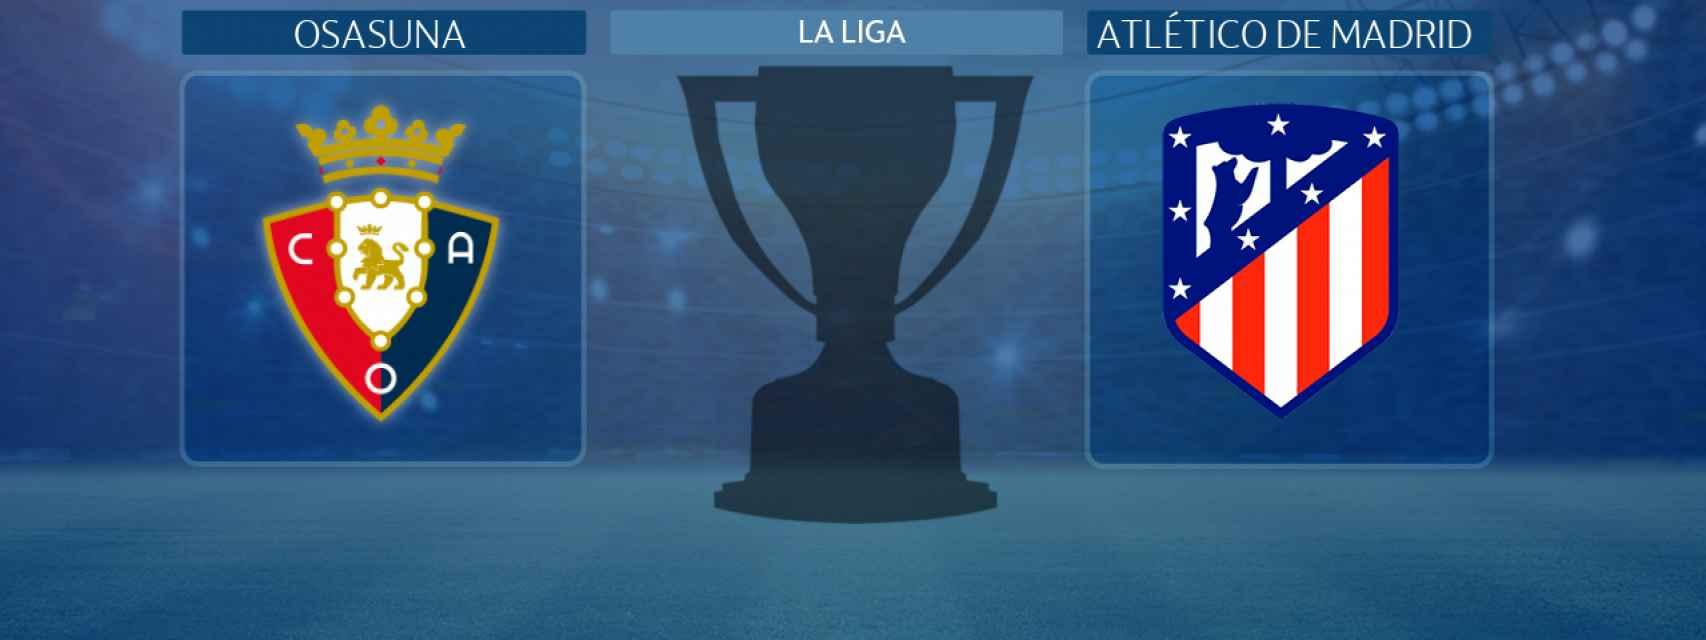 Osasuna - Atlético de Madrid,  partido de La Liga